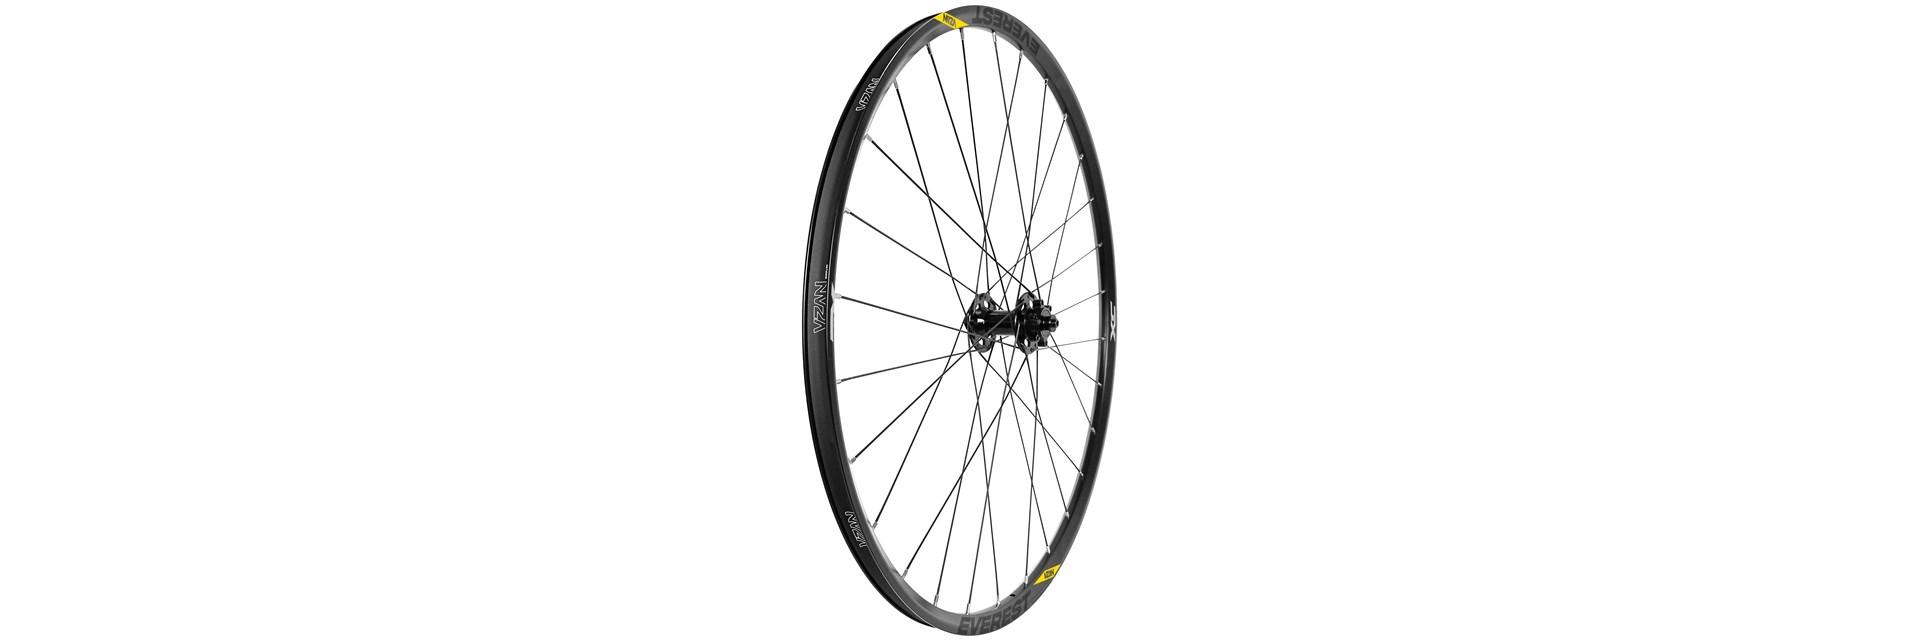 Roda Everest XC 29 - Micro Spline 12v